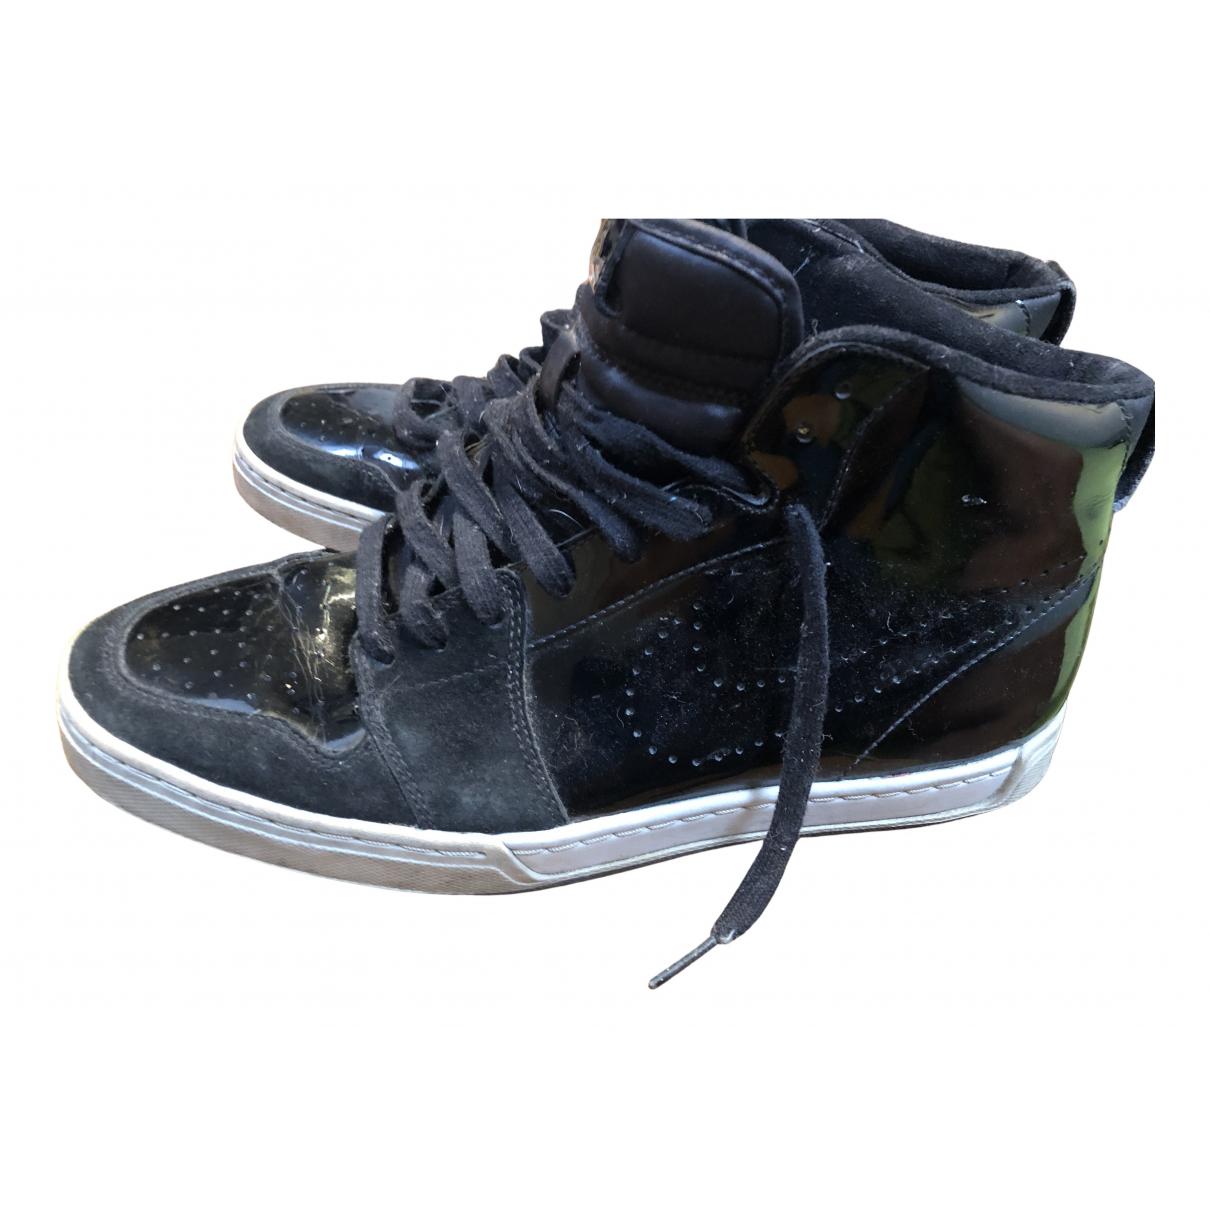 Nike Air Force 1 Sneakers in  Schwarz Lackleder